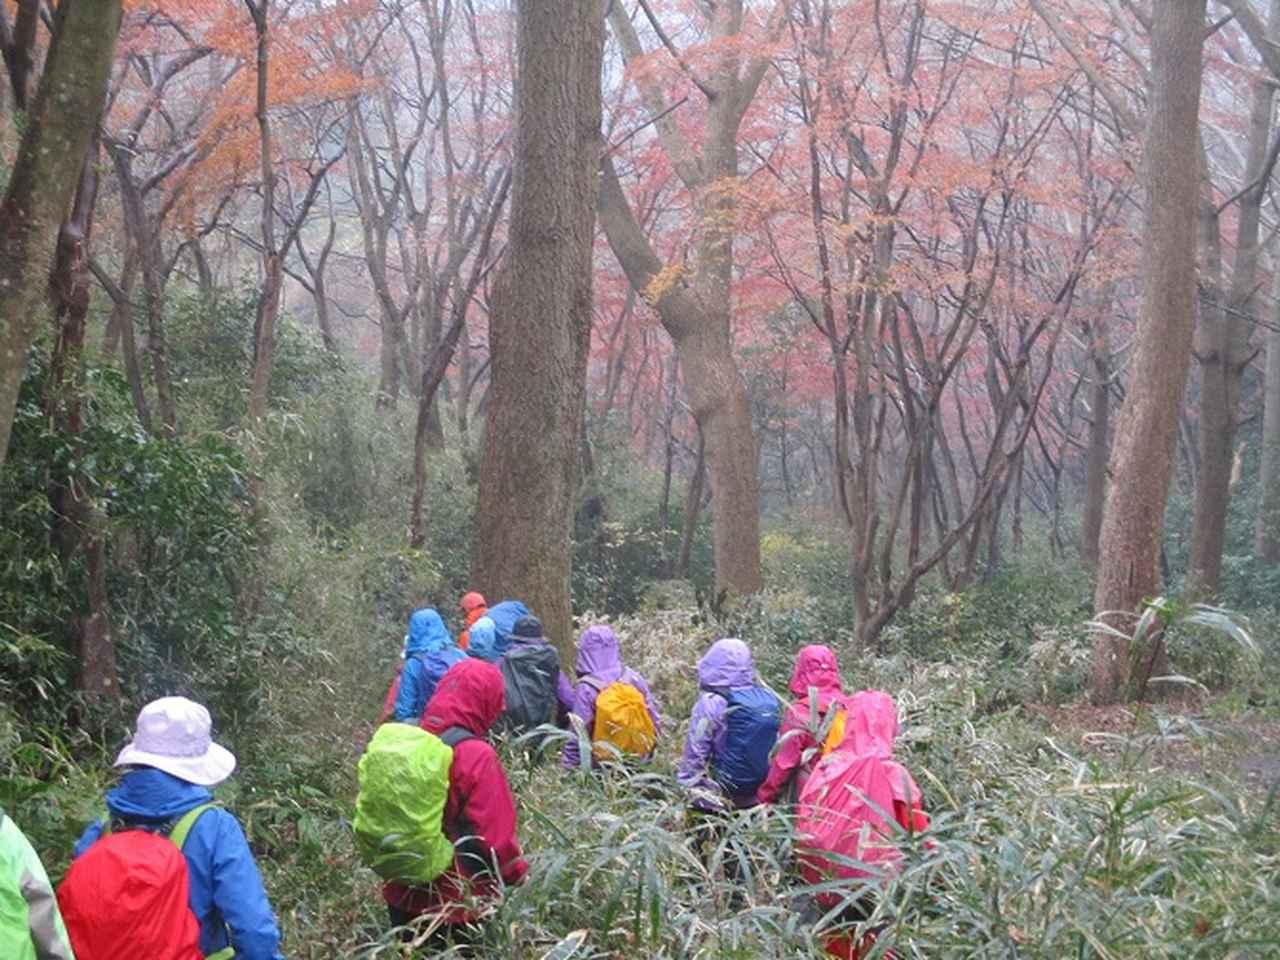 画像9: 先日12月22日に山旅会現地集合 「能見堂緑地から天園」 ツアーにいってまいりました!